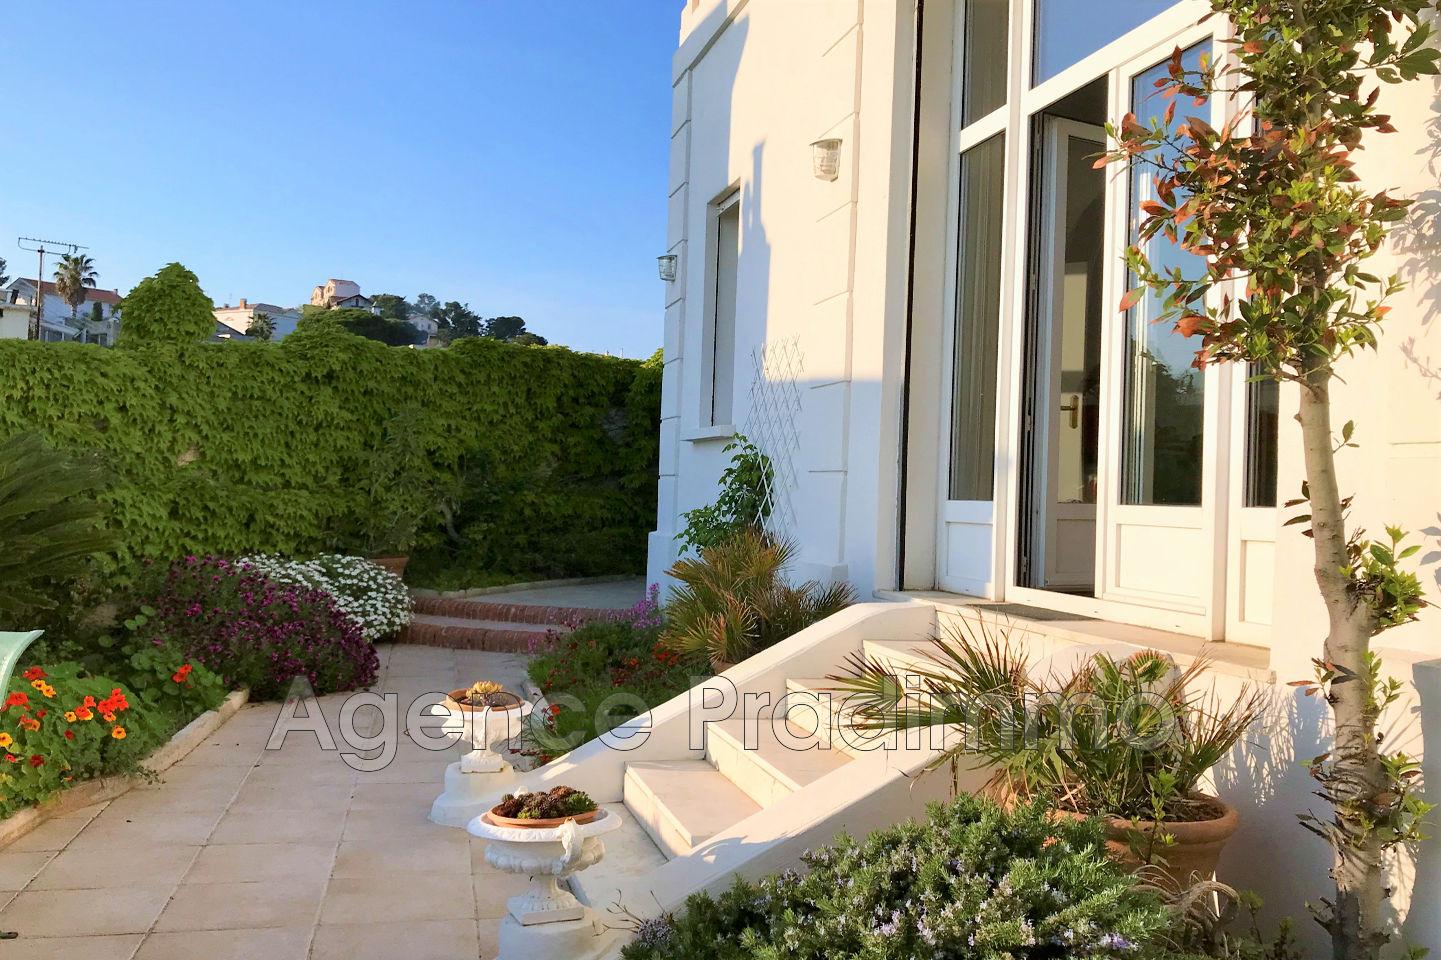 Vente maison marseille 13007 1 195 000 for Achat maison 13007